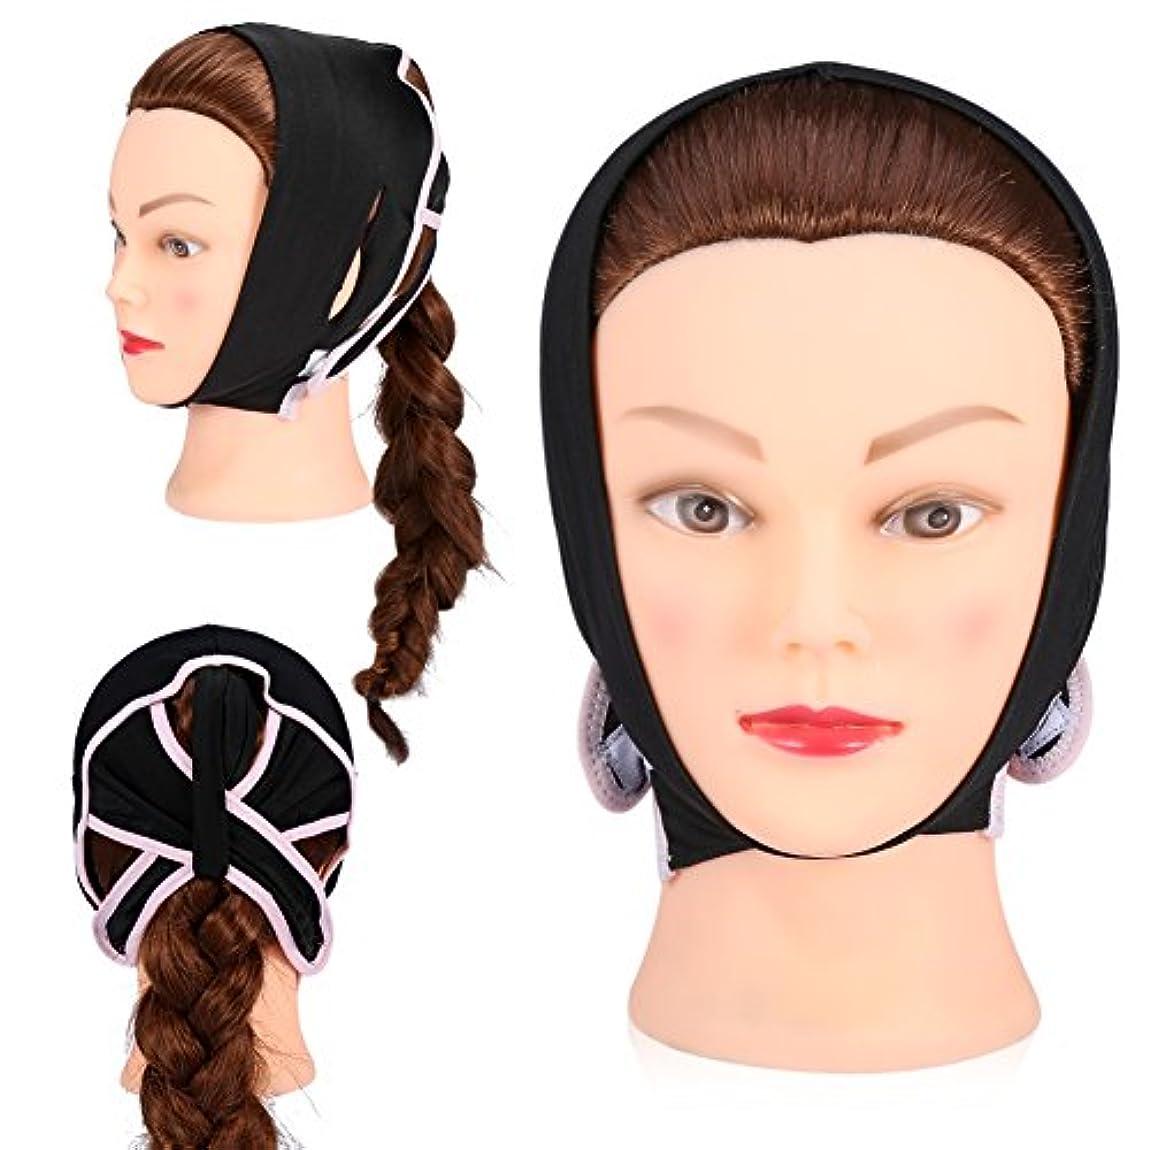 不調和強い対称フェイスケアのための顔面V字型包帯フェイシャルスリミングマスク薄い首のフェイスリフトダブルチン女性用、黒(L)